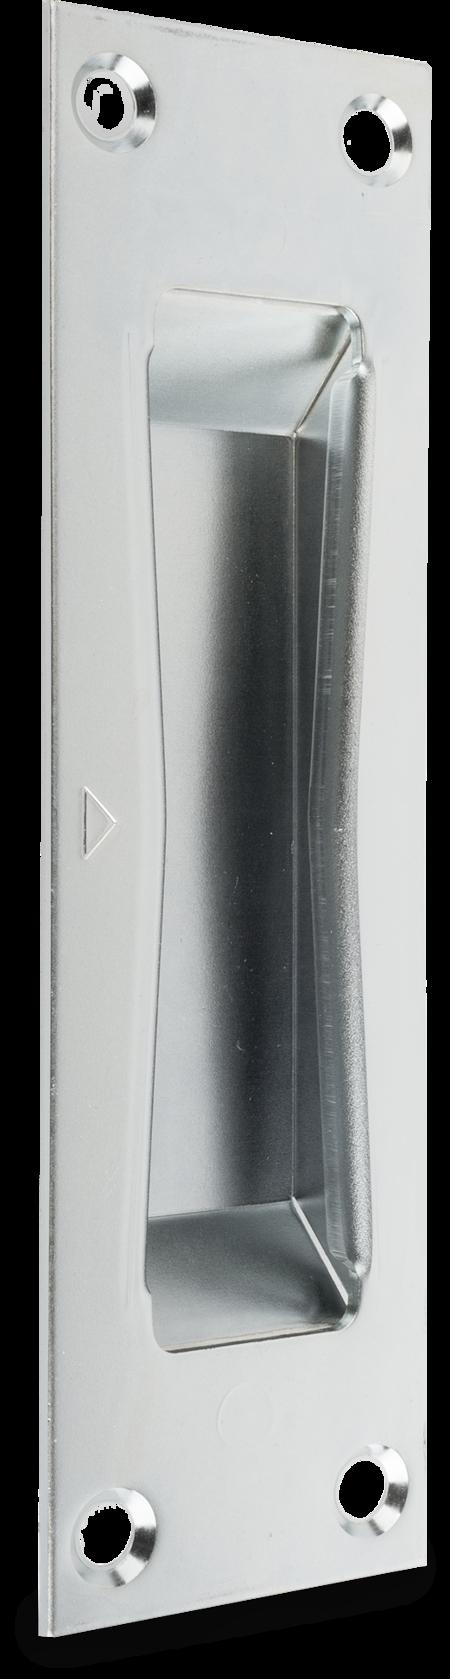 Schließblech Stahl, verzinkt, rechts und links verwendbar, mit Kasten, für Einsteck-Schnecken-Schloß